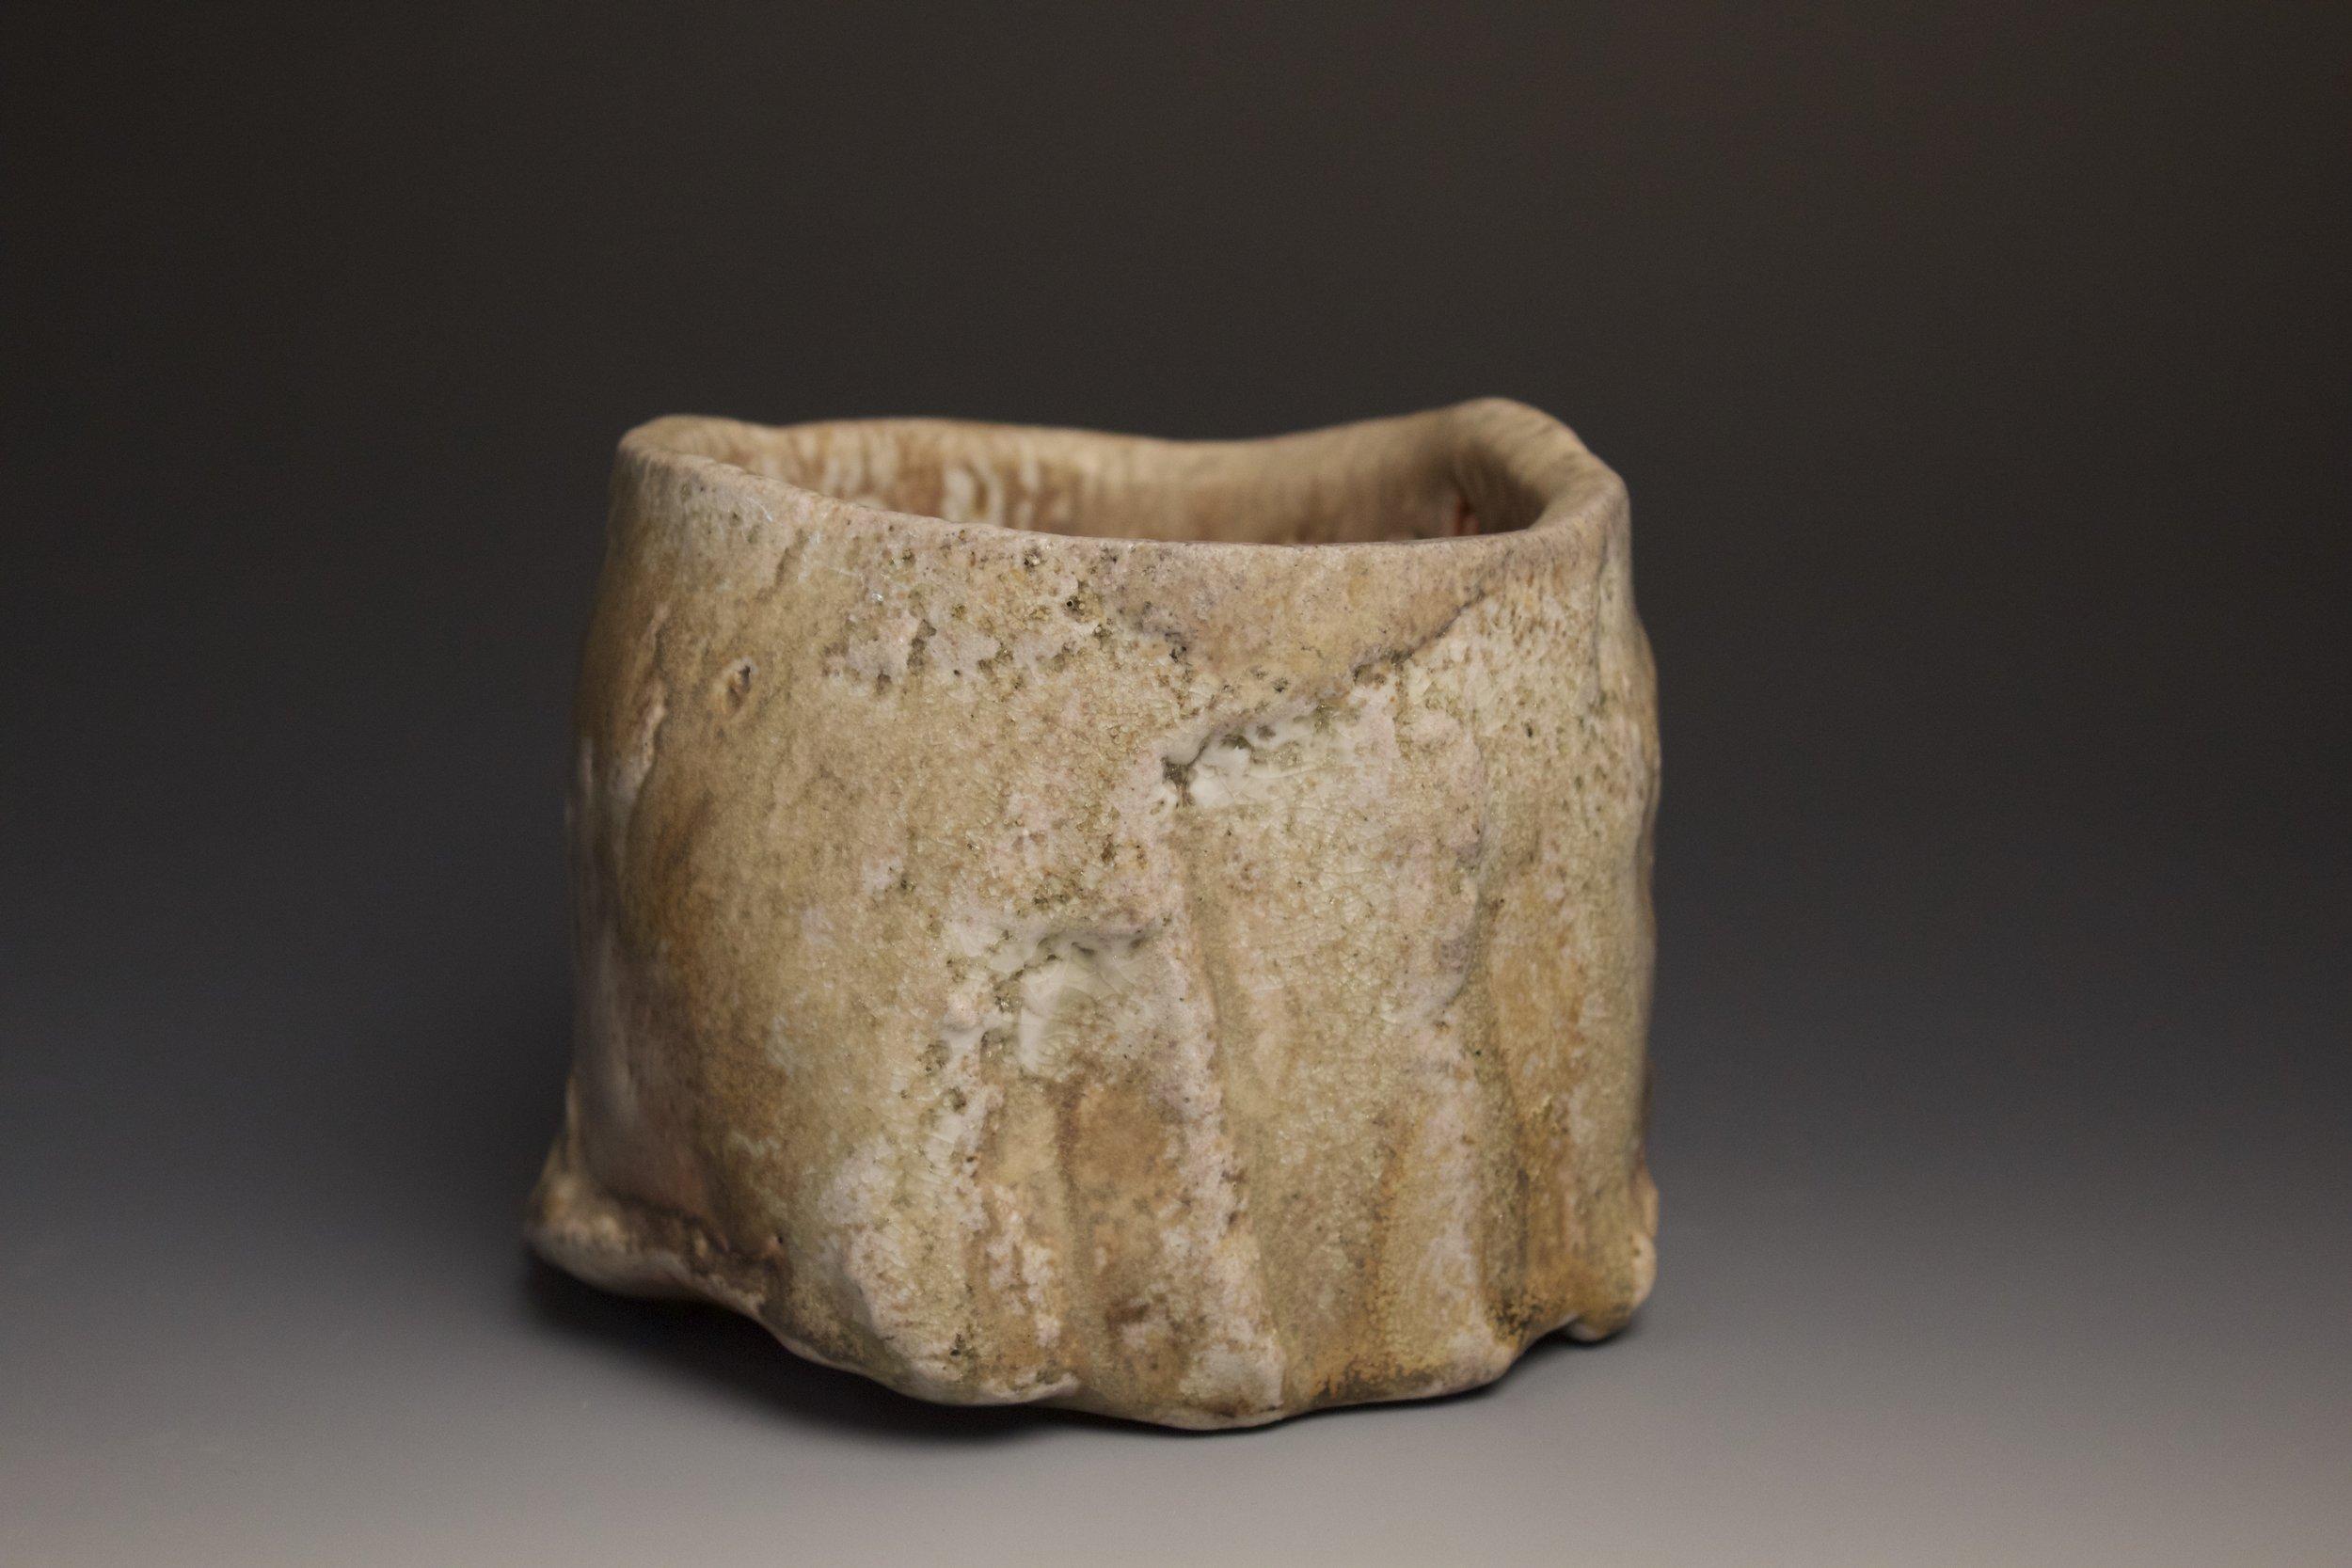 Coil built tea bowl